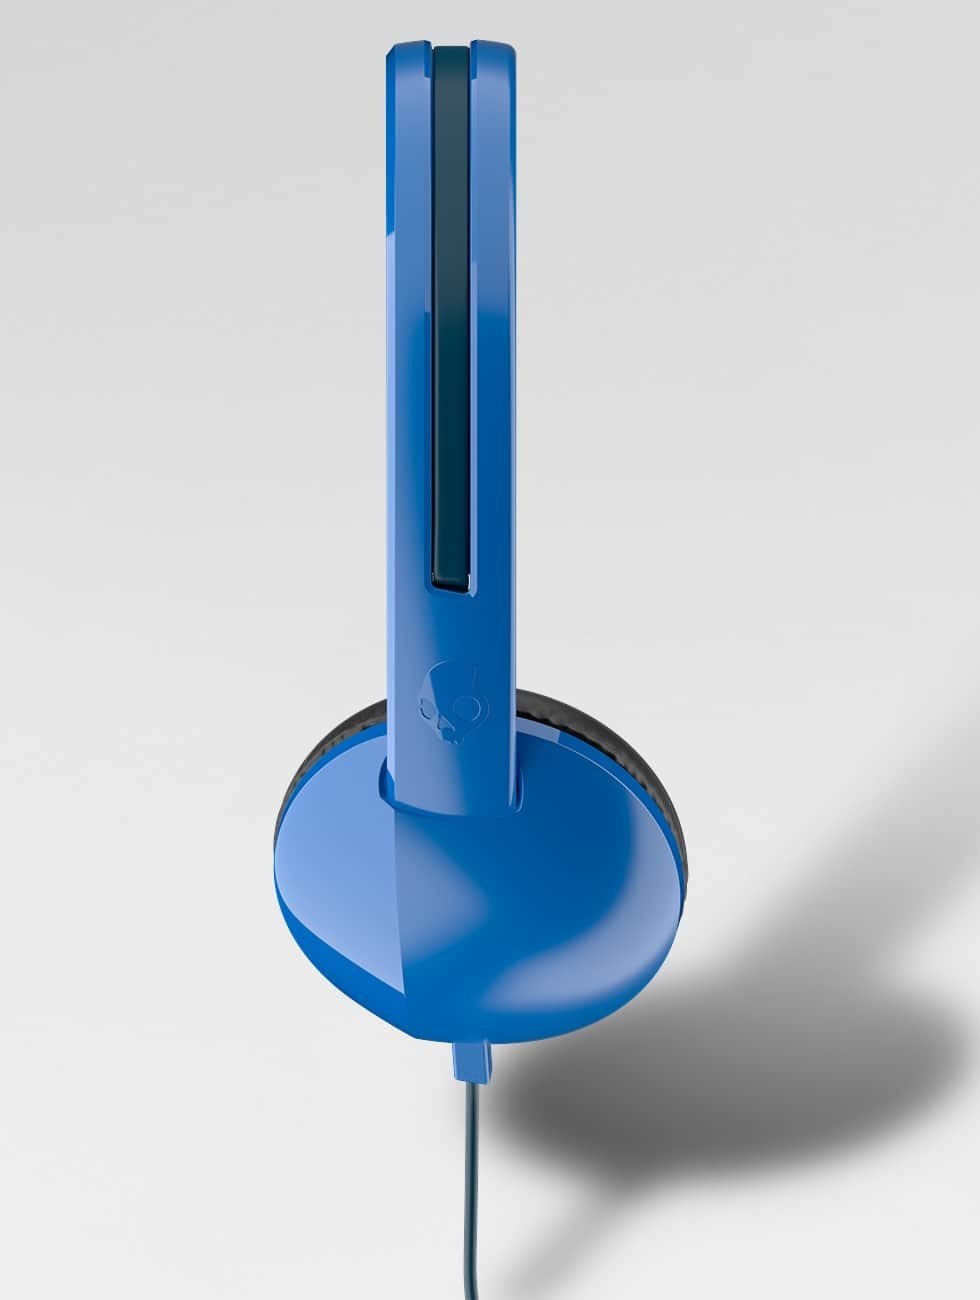 Skullcandy Kopfhörer Stim Mic 1 On Ear blau